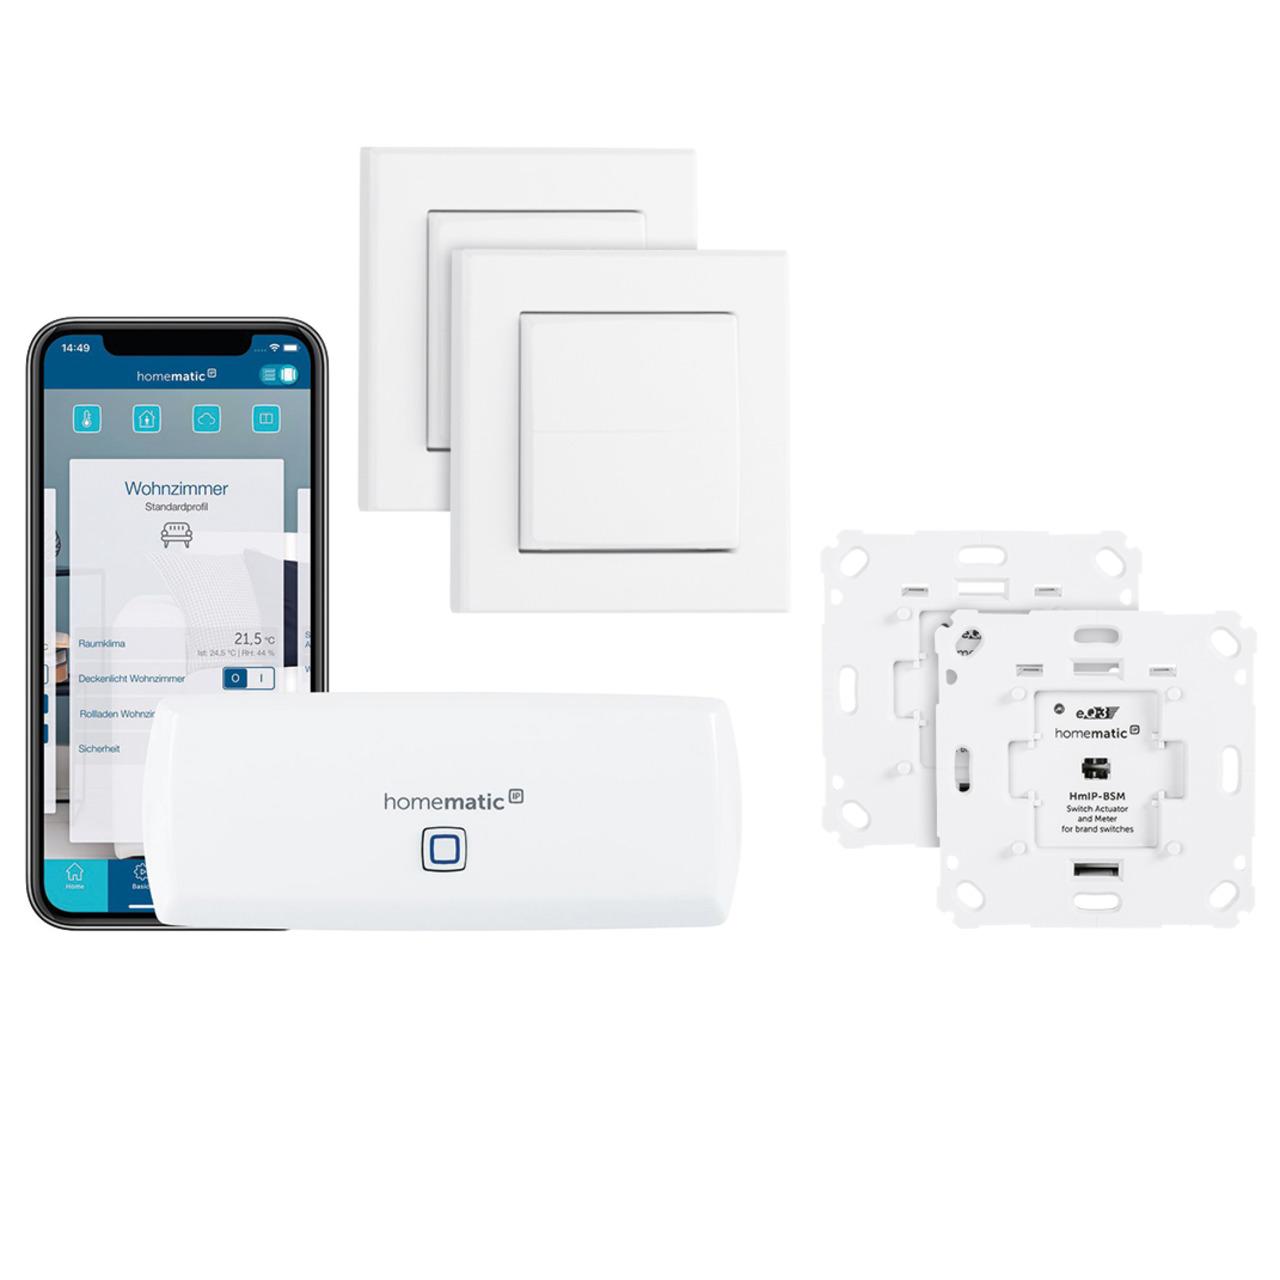 Homematic IP Starter Set Beleuchtung mit WLAN-HAP- 2x Schalt-Mess-Aktor und 2x Tasterwippe